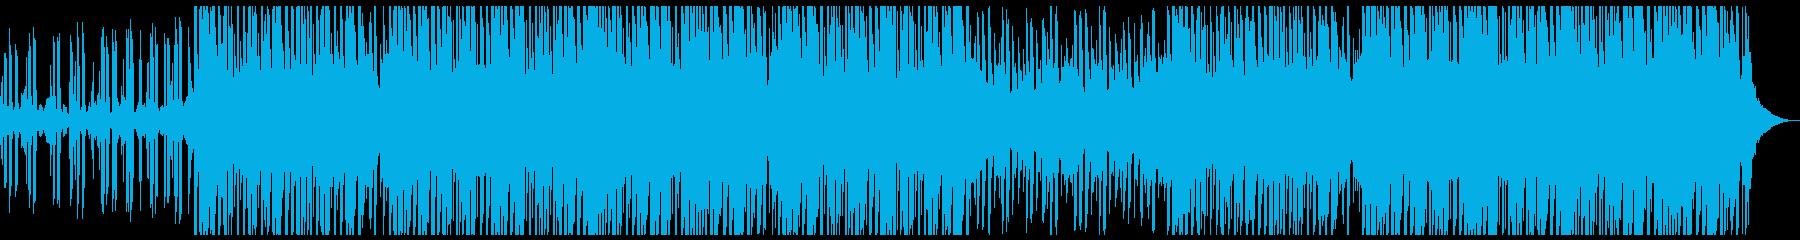 ディープハウスファッションの再生済みの波形